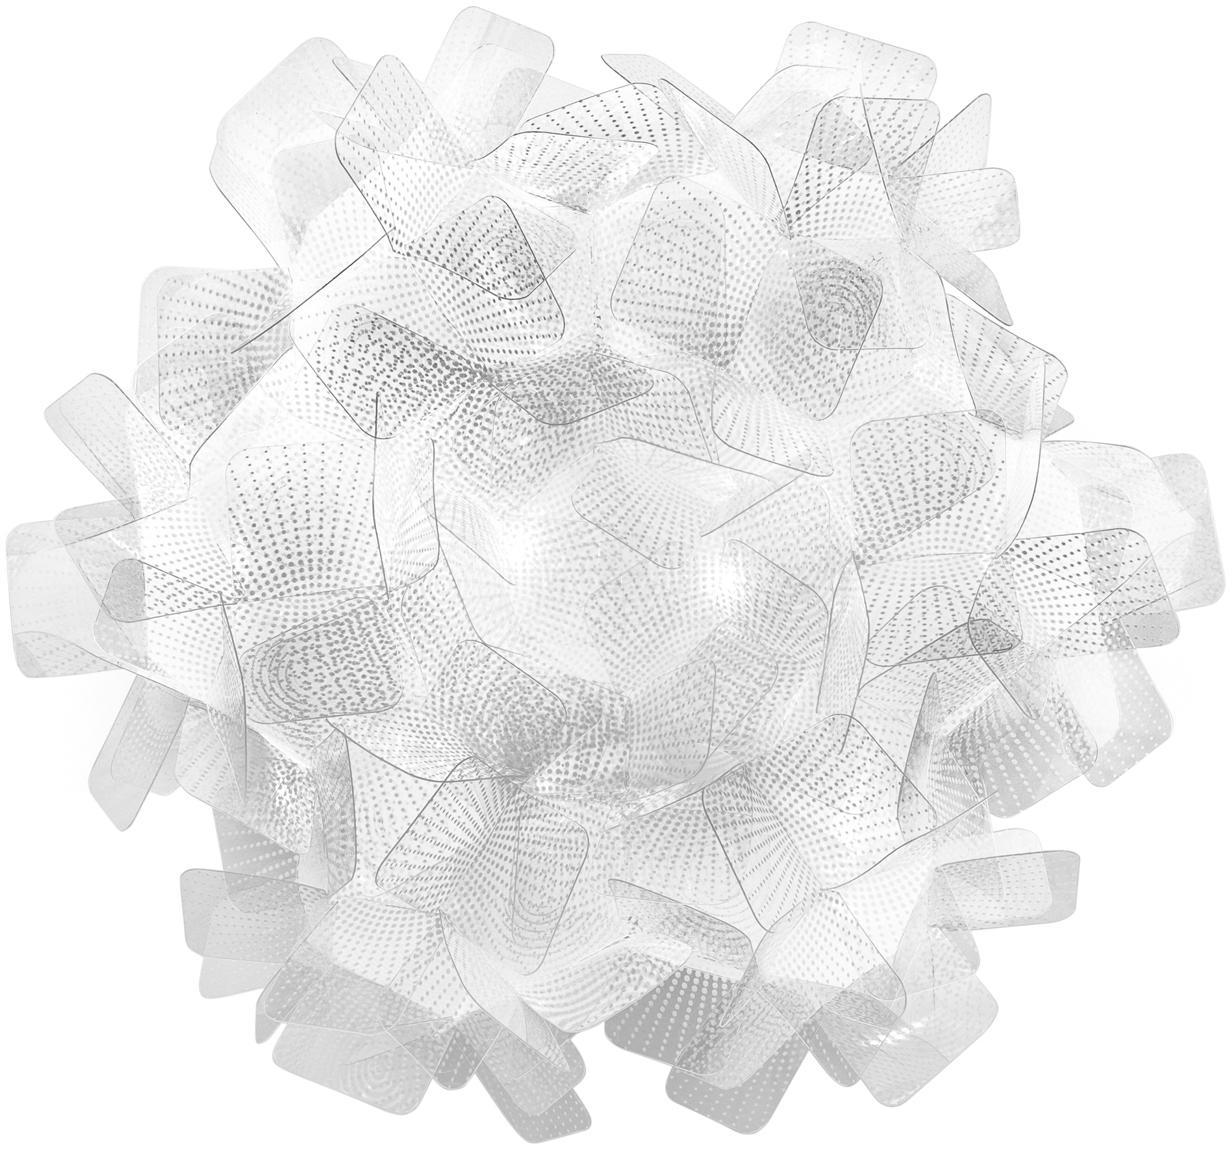 Handgefertigte Decken- und Wandleuchte Clizia Pixel, Technopolymer Opalflex®, recycelbar, bruchfest, flexibel, antistatisch beschichtet, UV- und hitzebeständig, Transparent, Ø 32 x T 15 cm